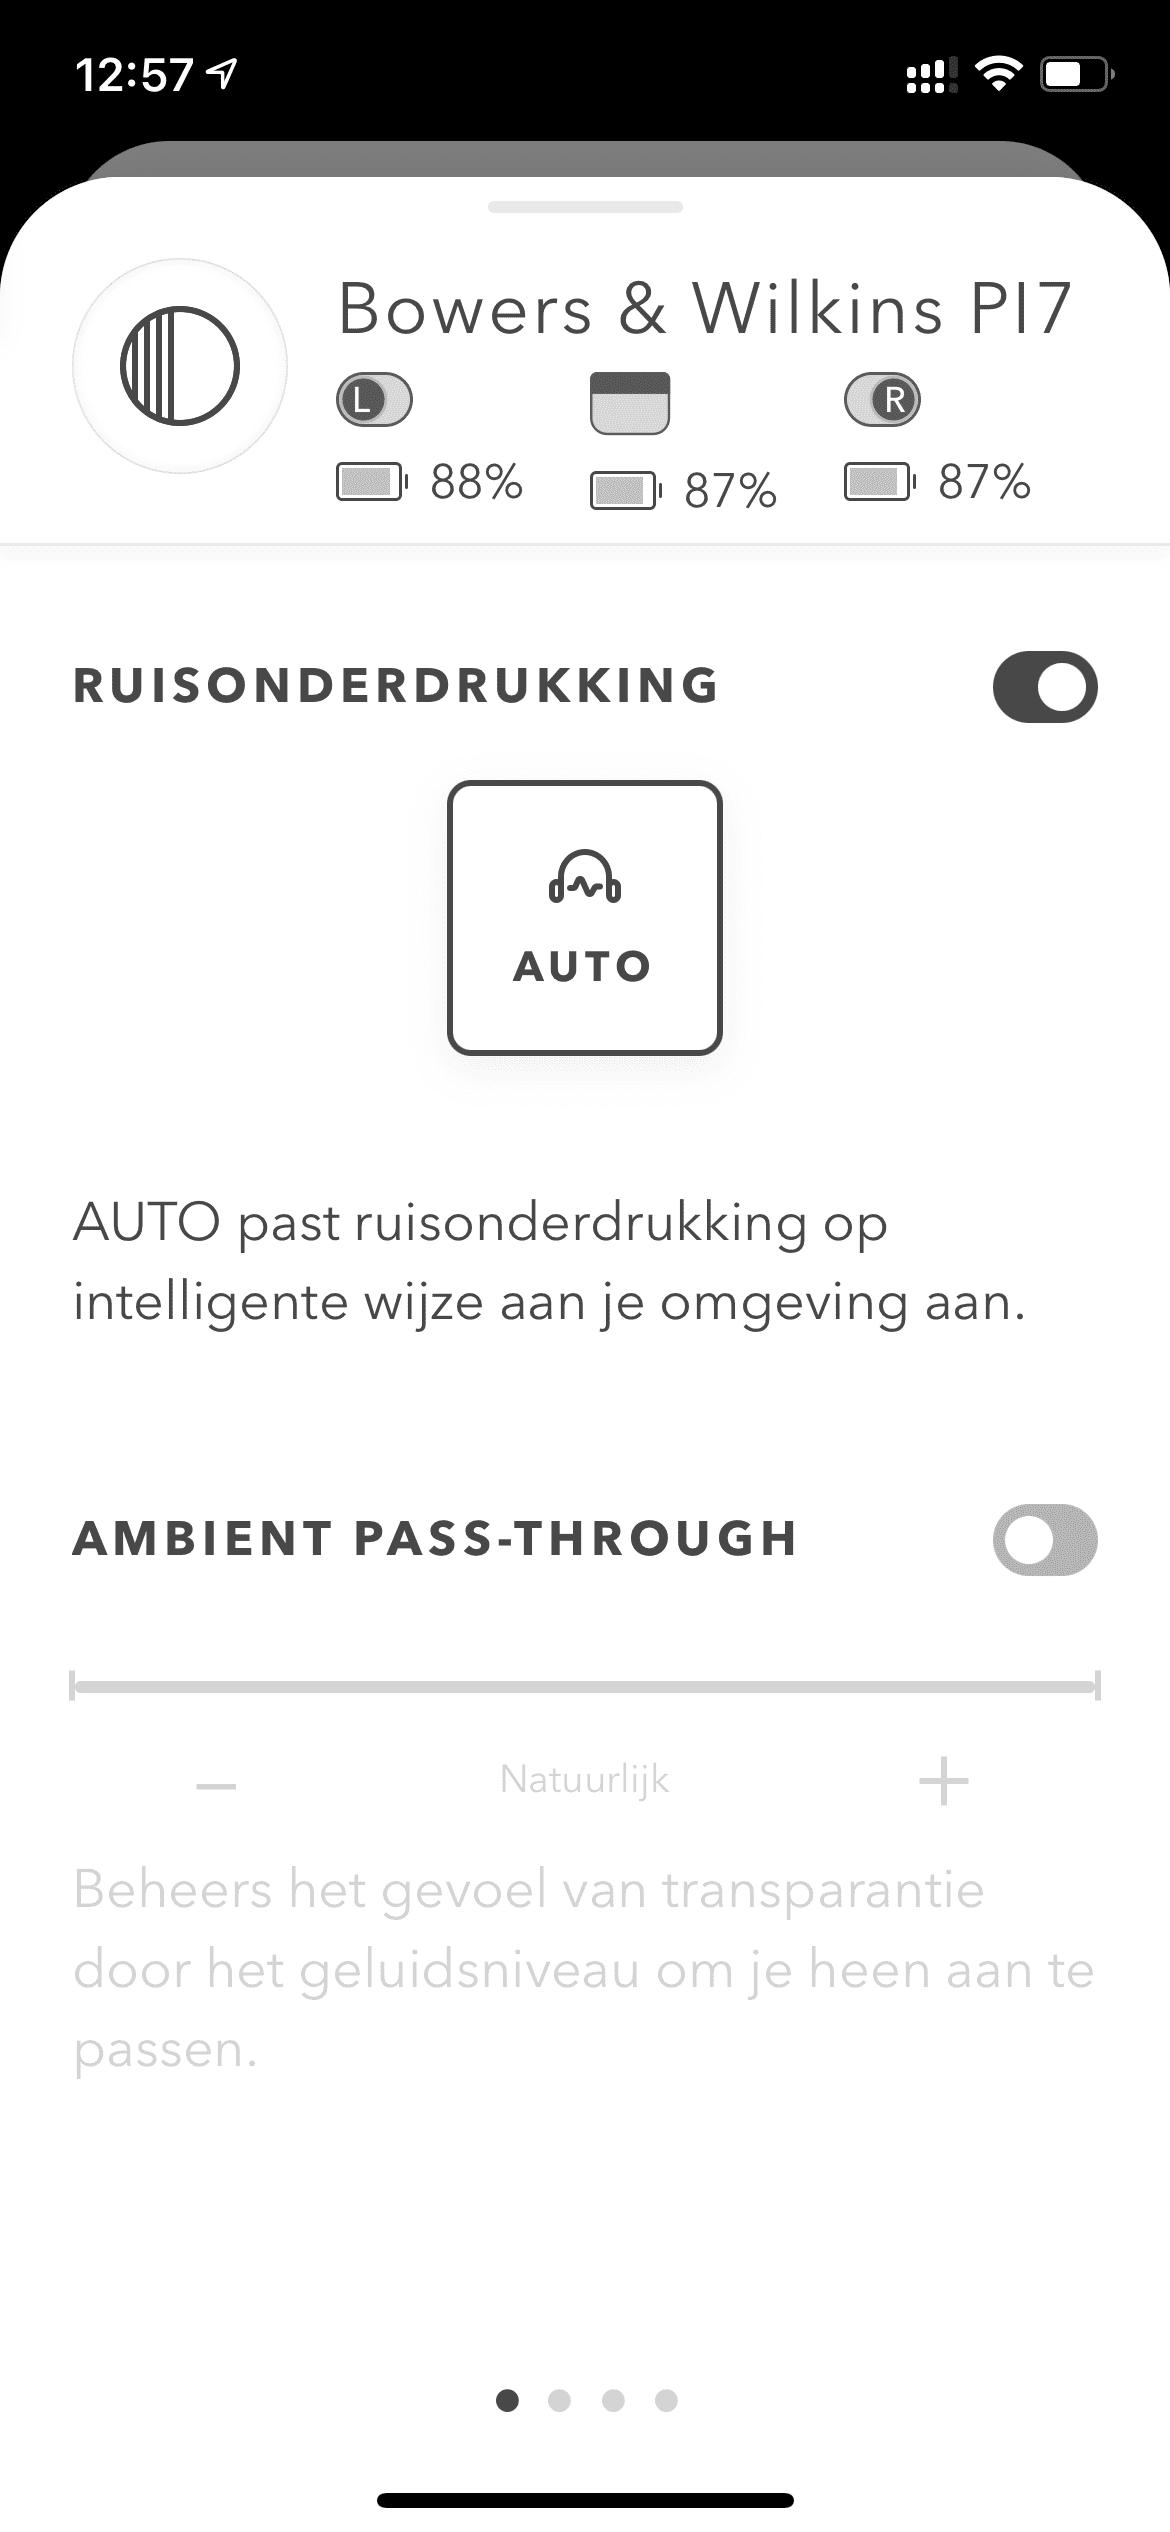 App Ruisonderdrukking - Klik voor groot